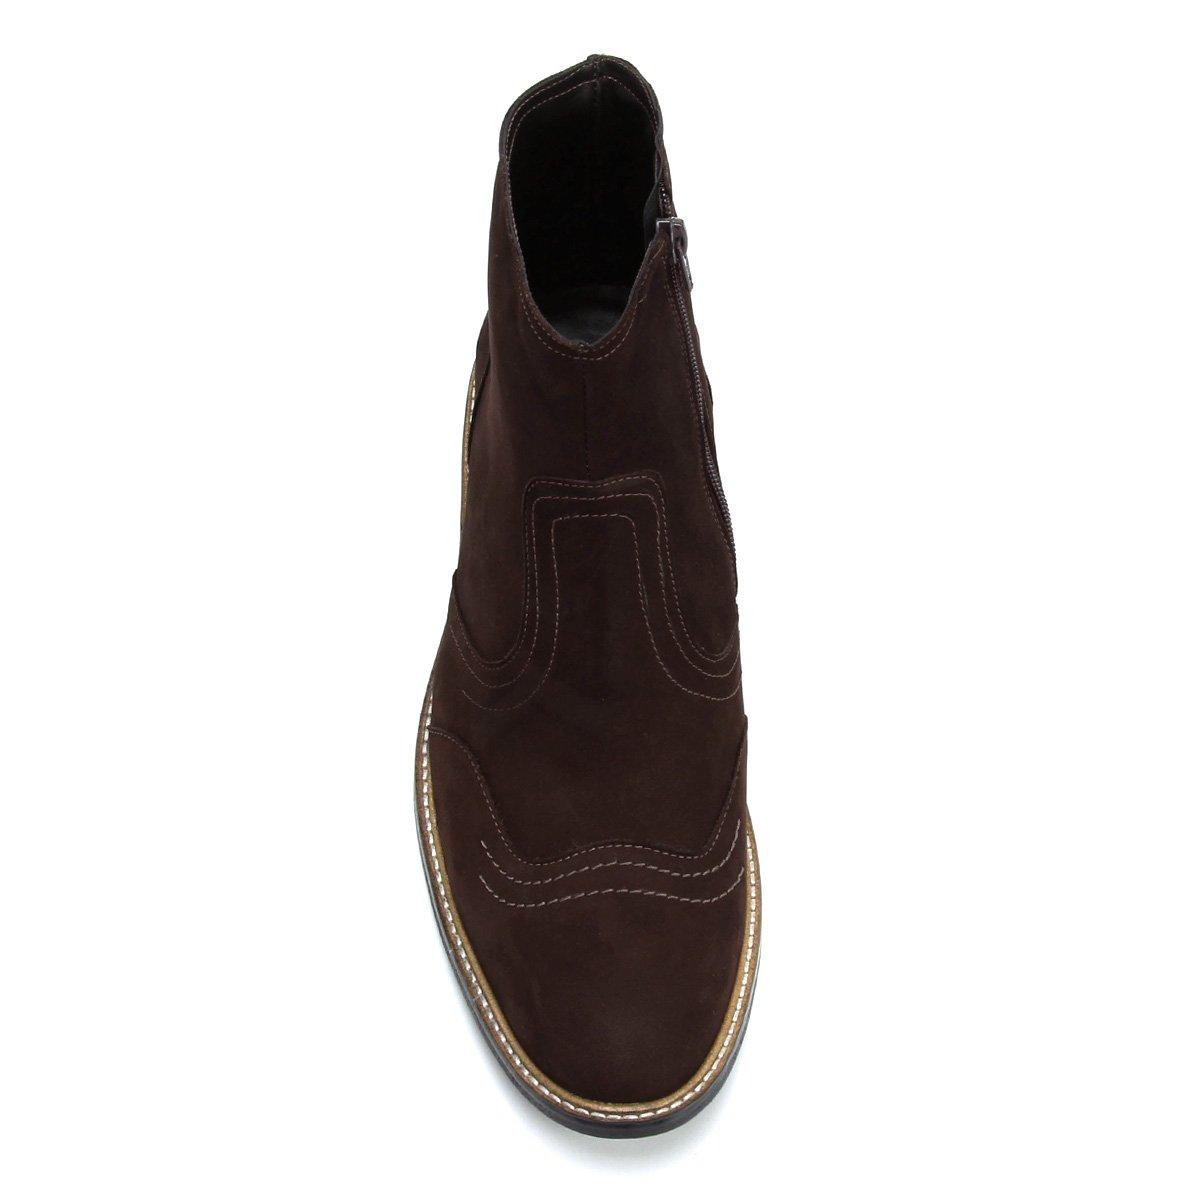 Bota Cano Café Couro Curto Couro Shoestock Masculina Bota Recortes x6xwz